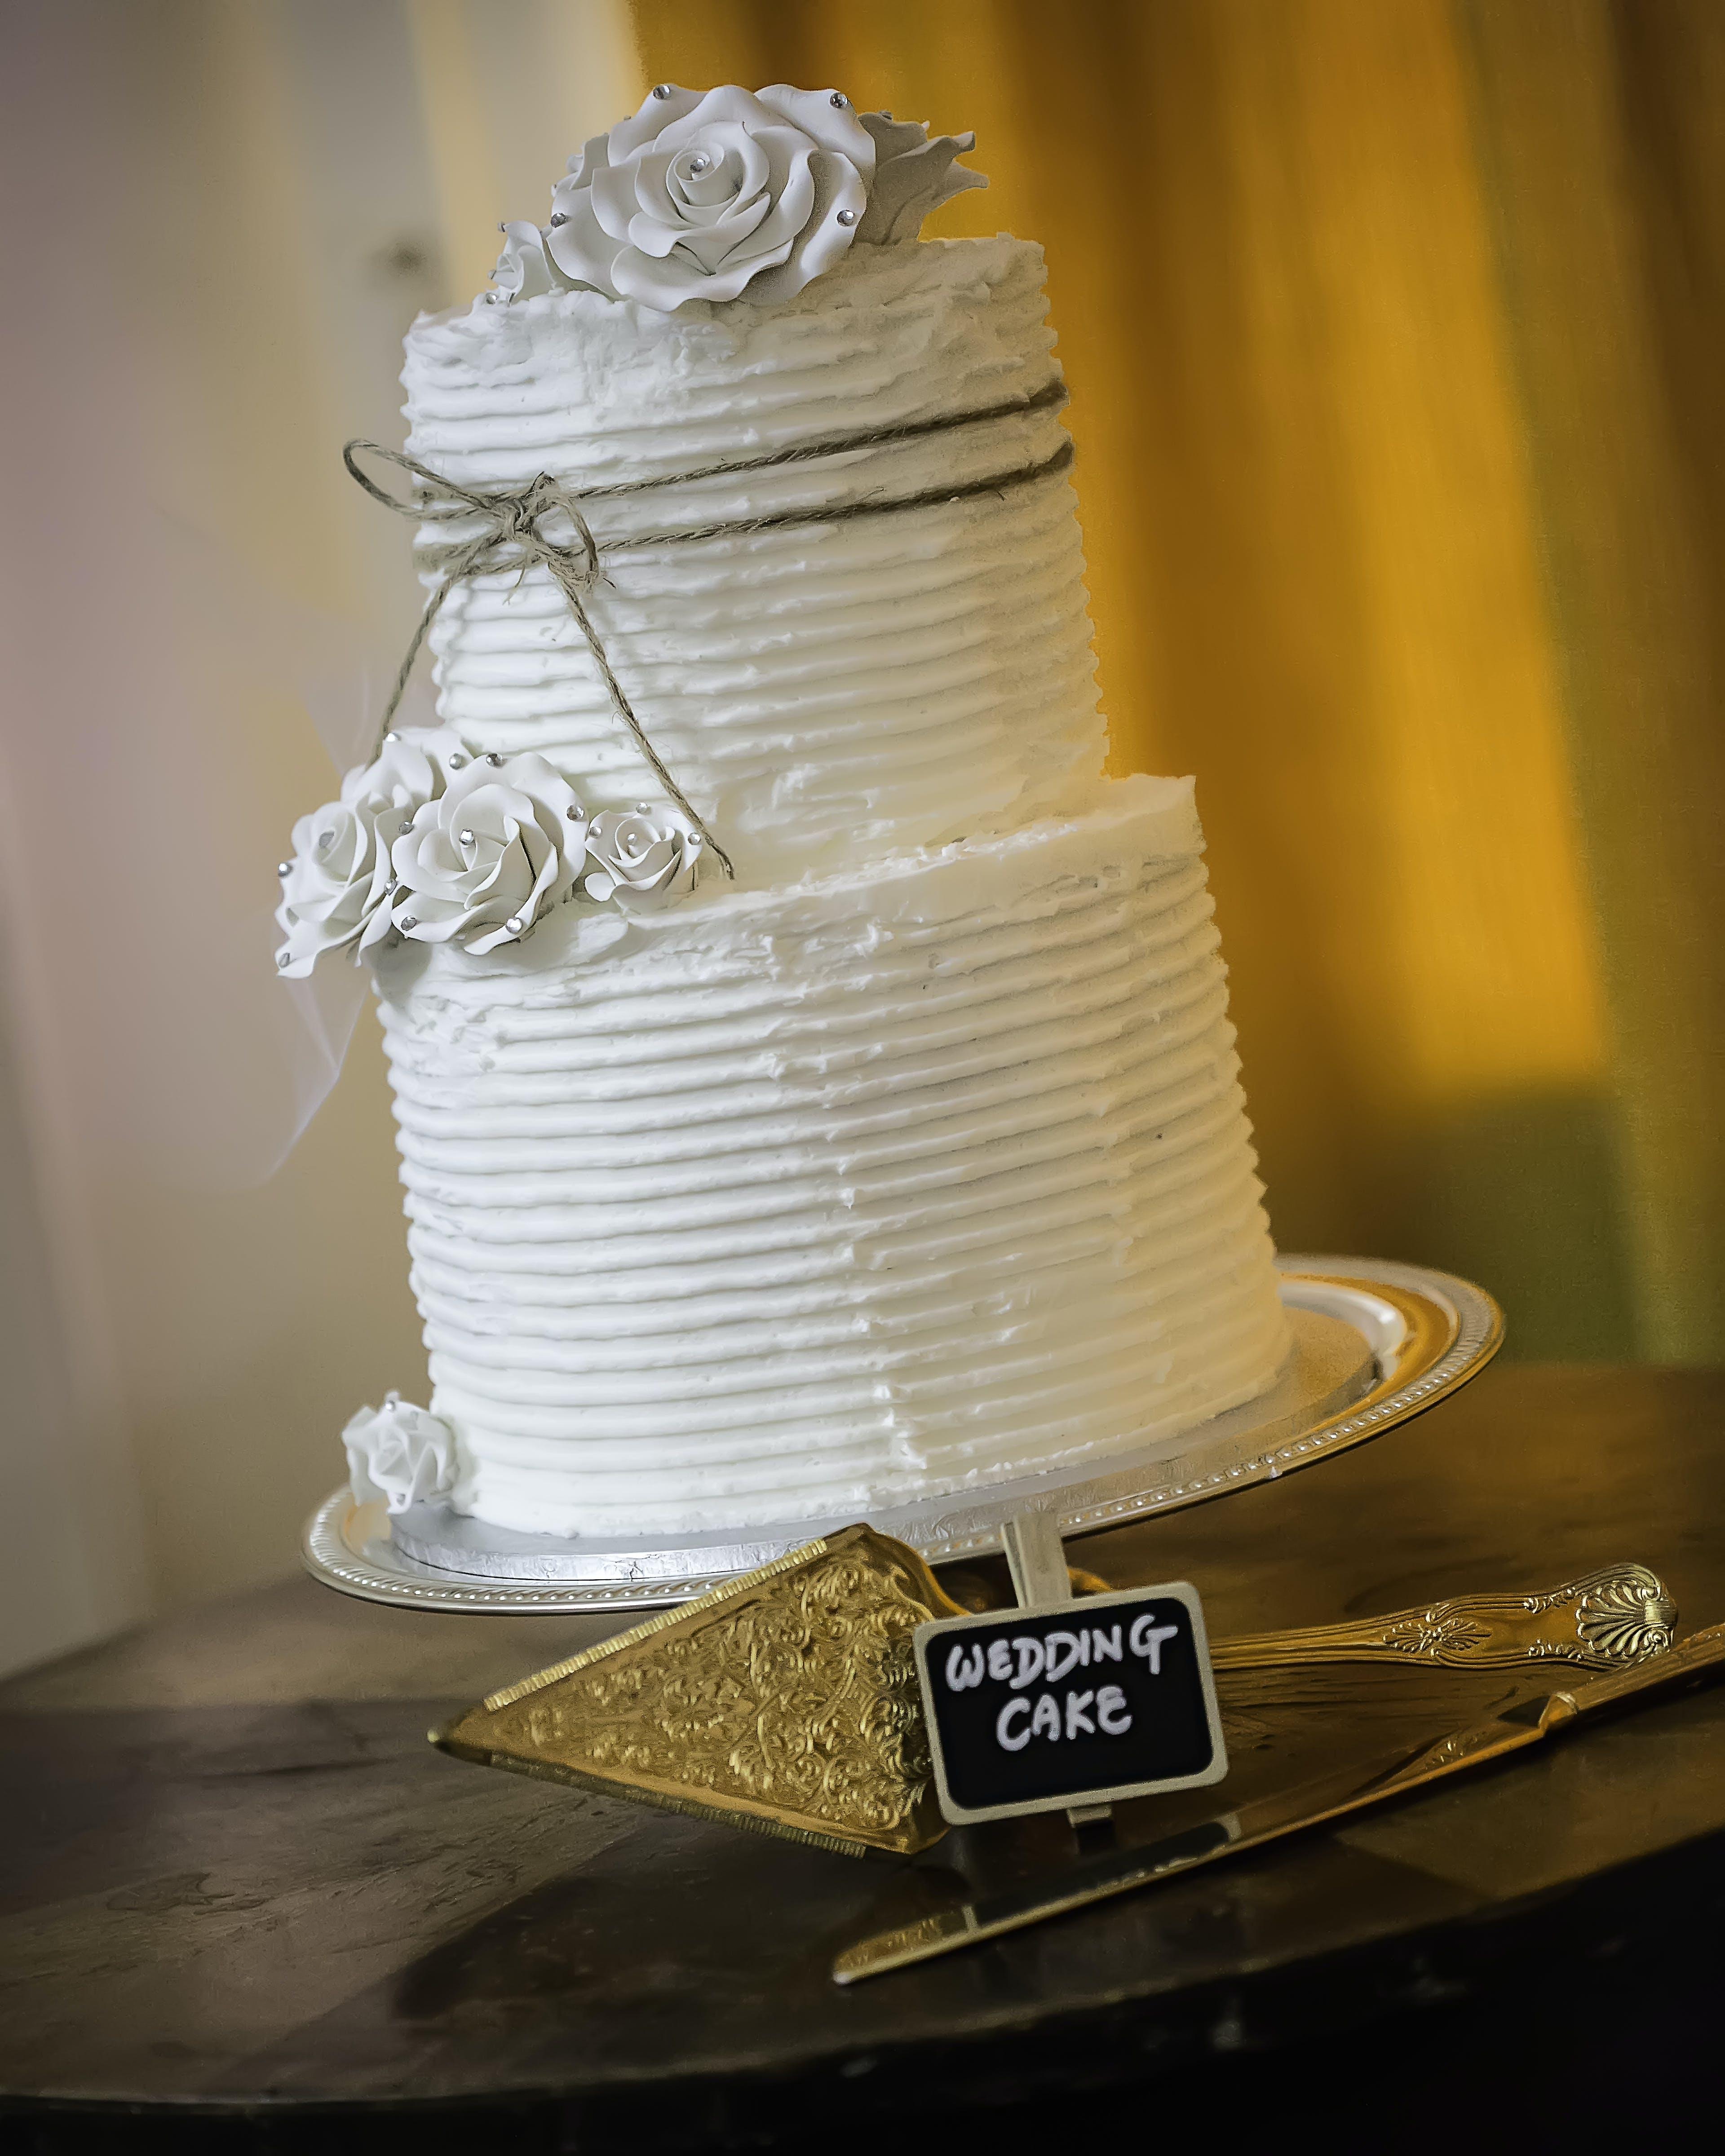 Free stock photo of cake, wedding, Wedding Cake